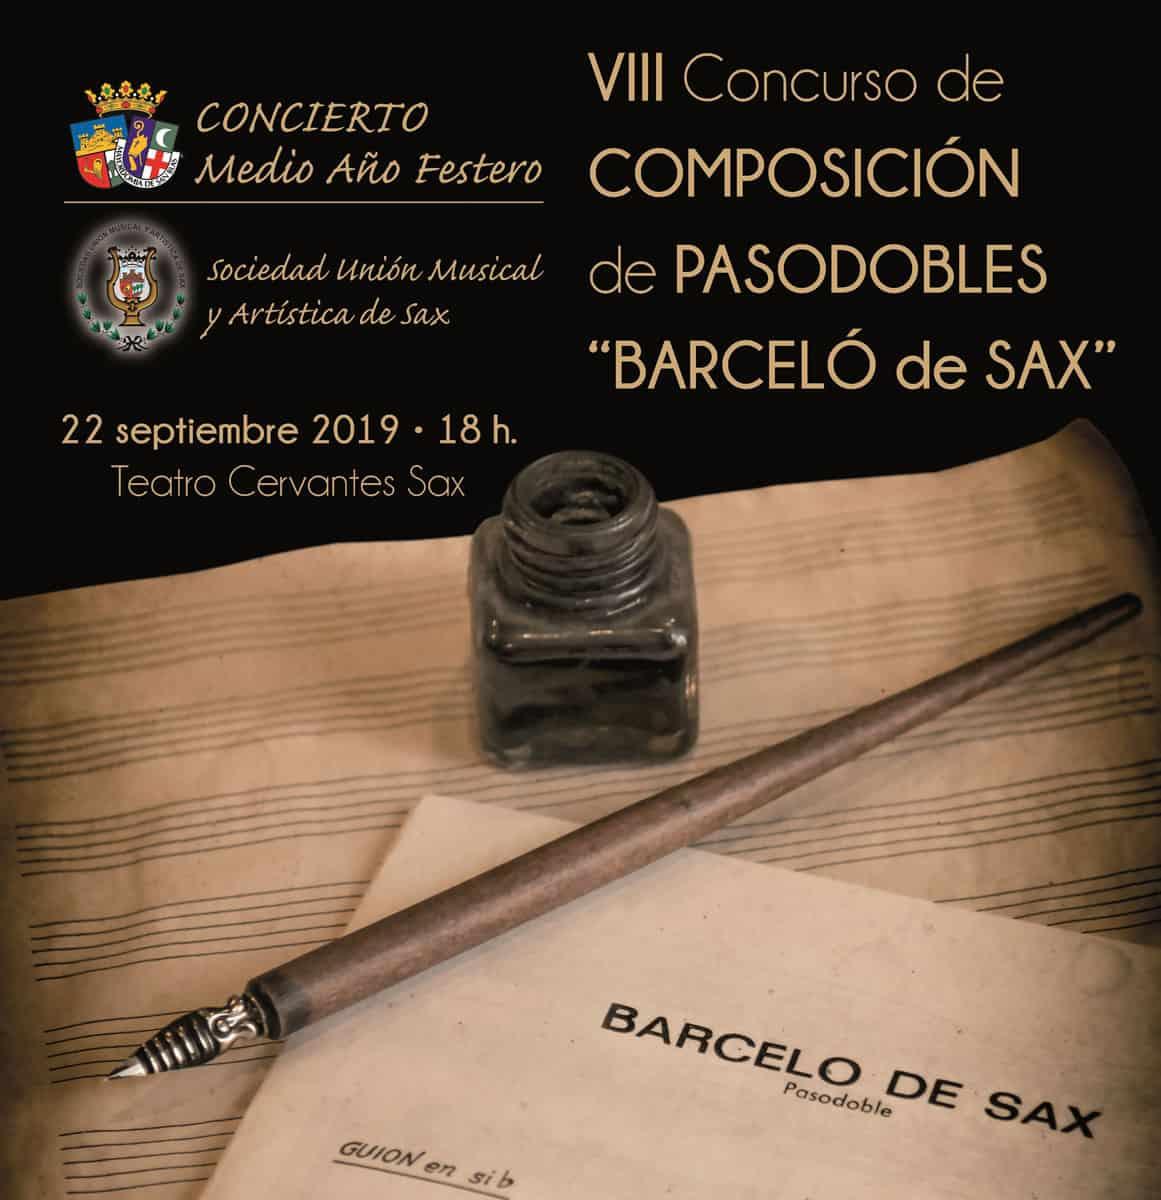 """VIII Concurso de composición de Pasodobles """"Barceló de Sax"""""""